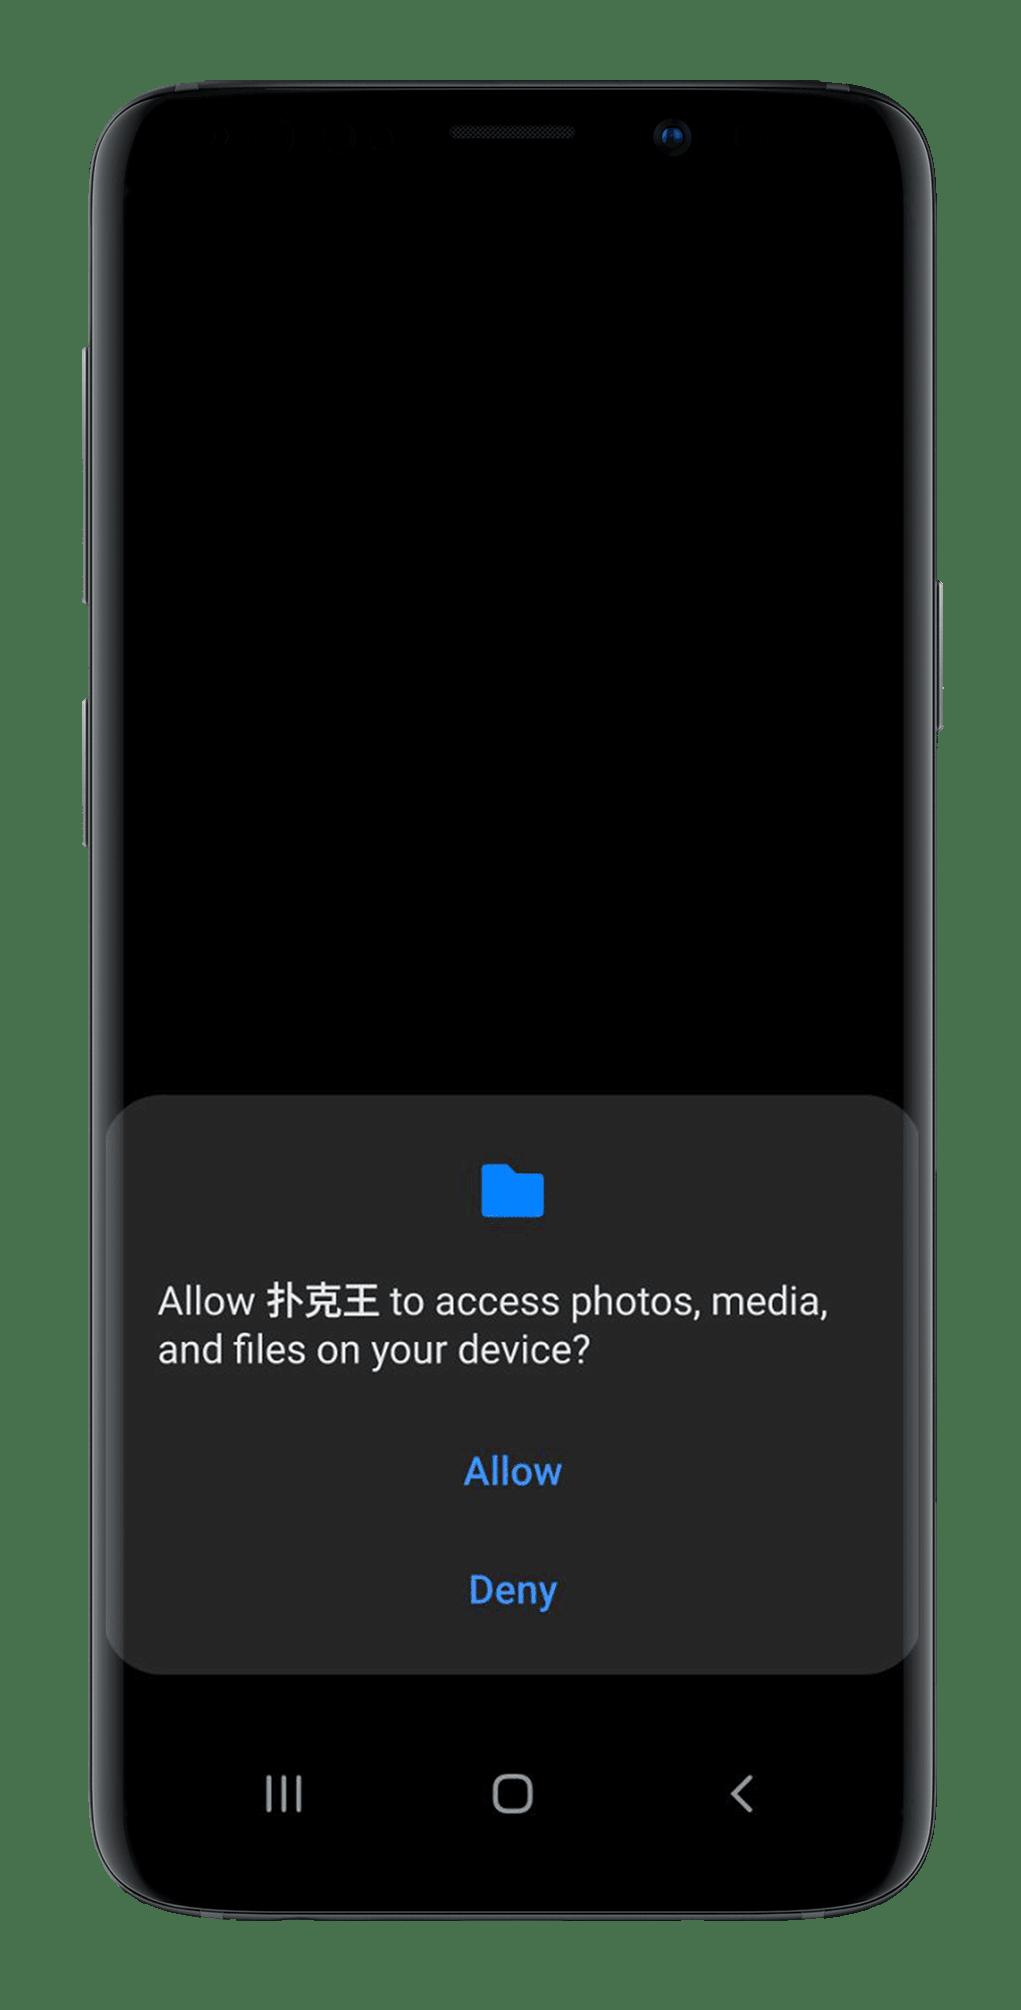 允許此應用程式使用您手機的功能: 存取照片,媒體和文件